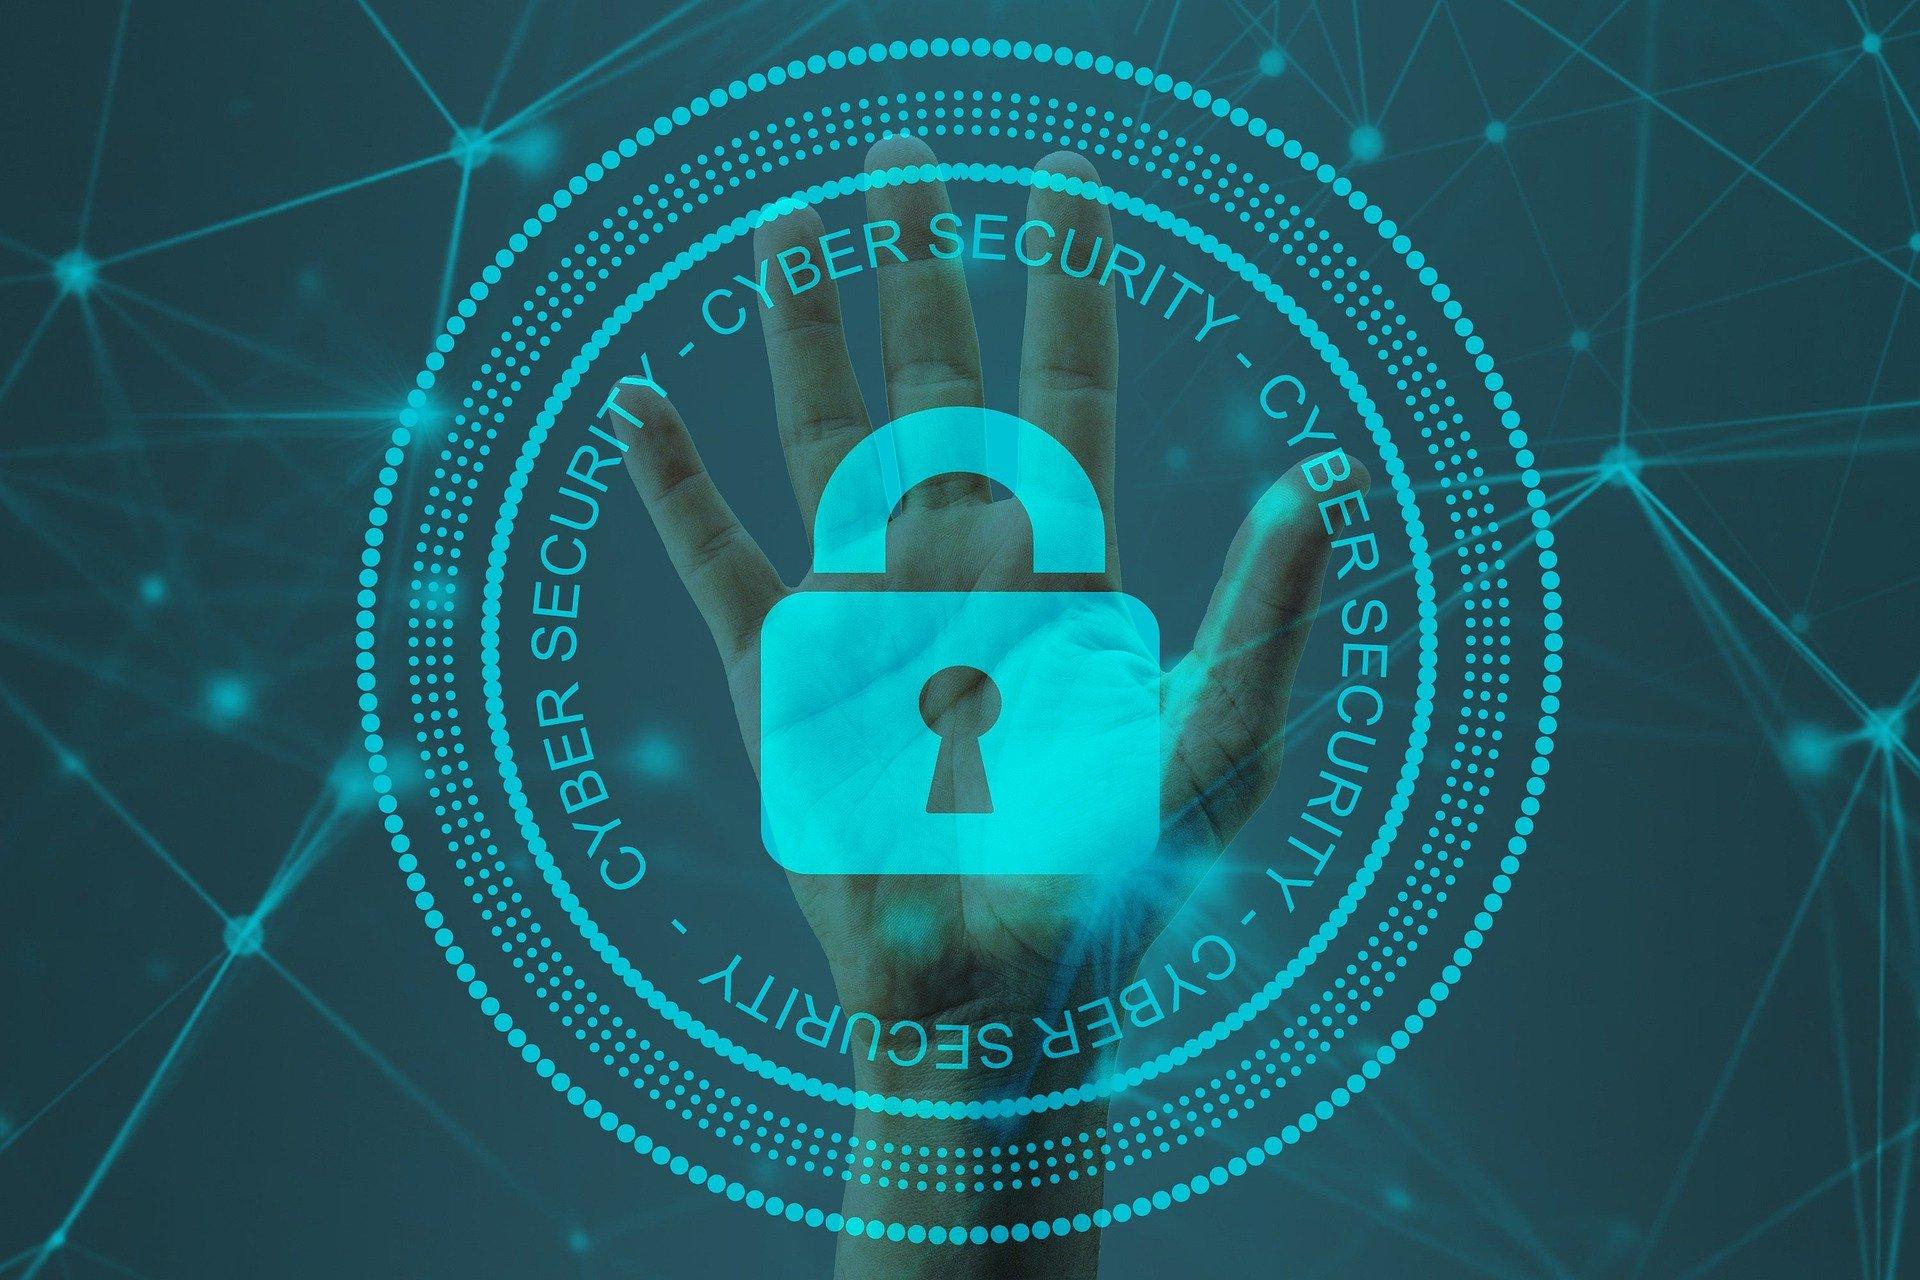 Tendencias en seguridad y prevención contra el fraude para 2021